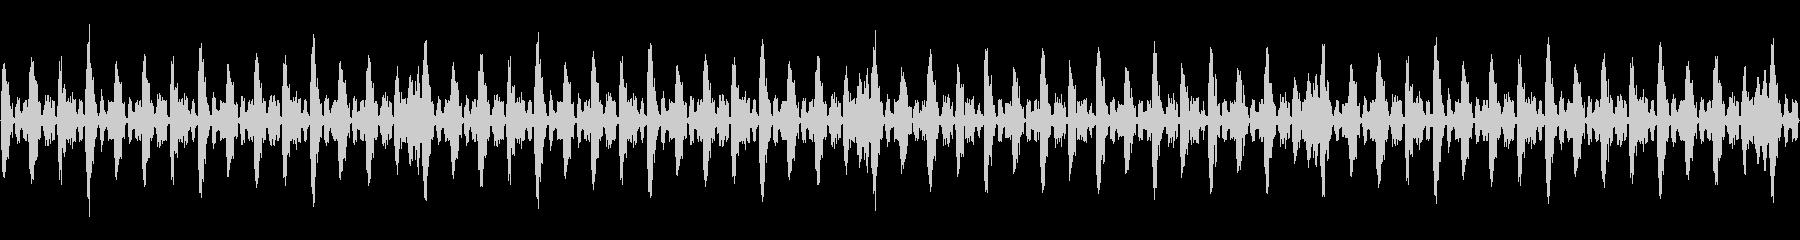 デジタルな曲の未再生の波形